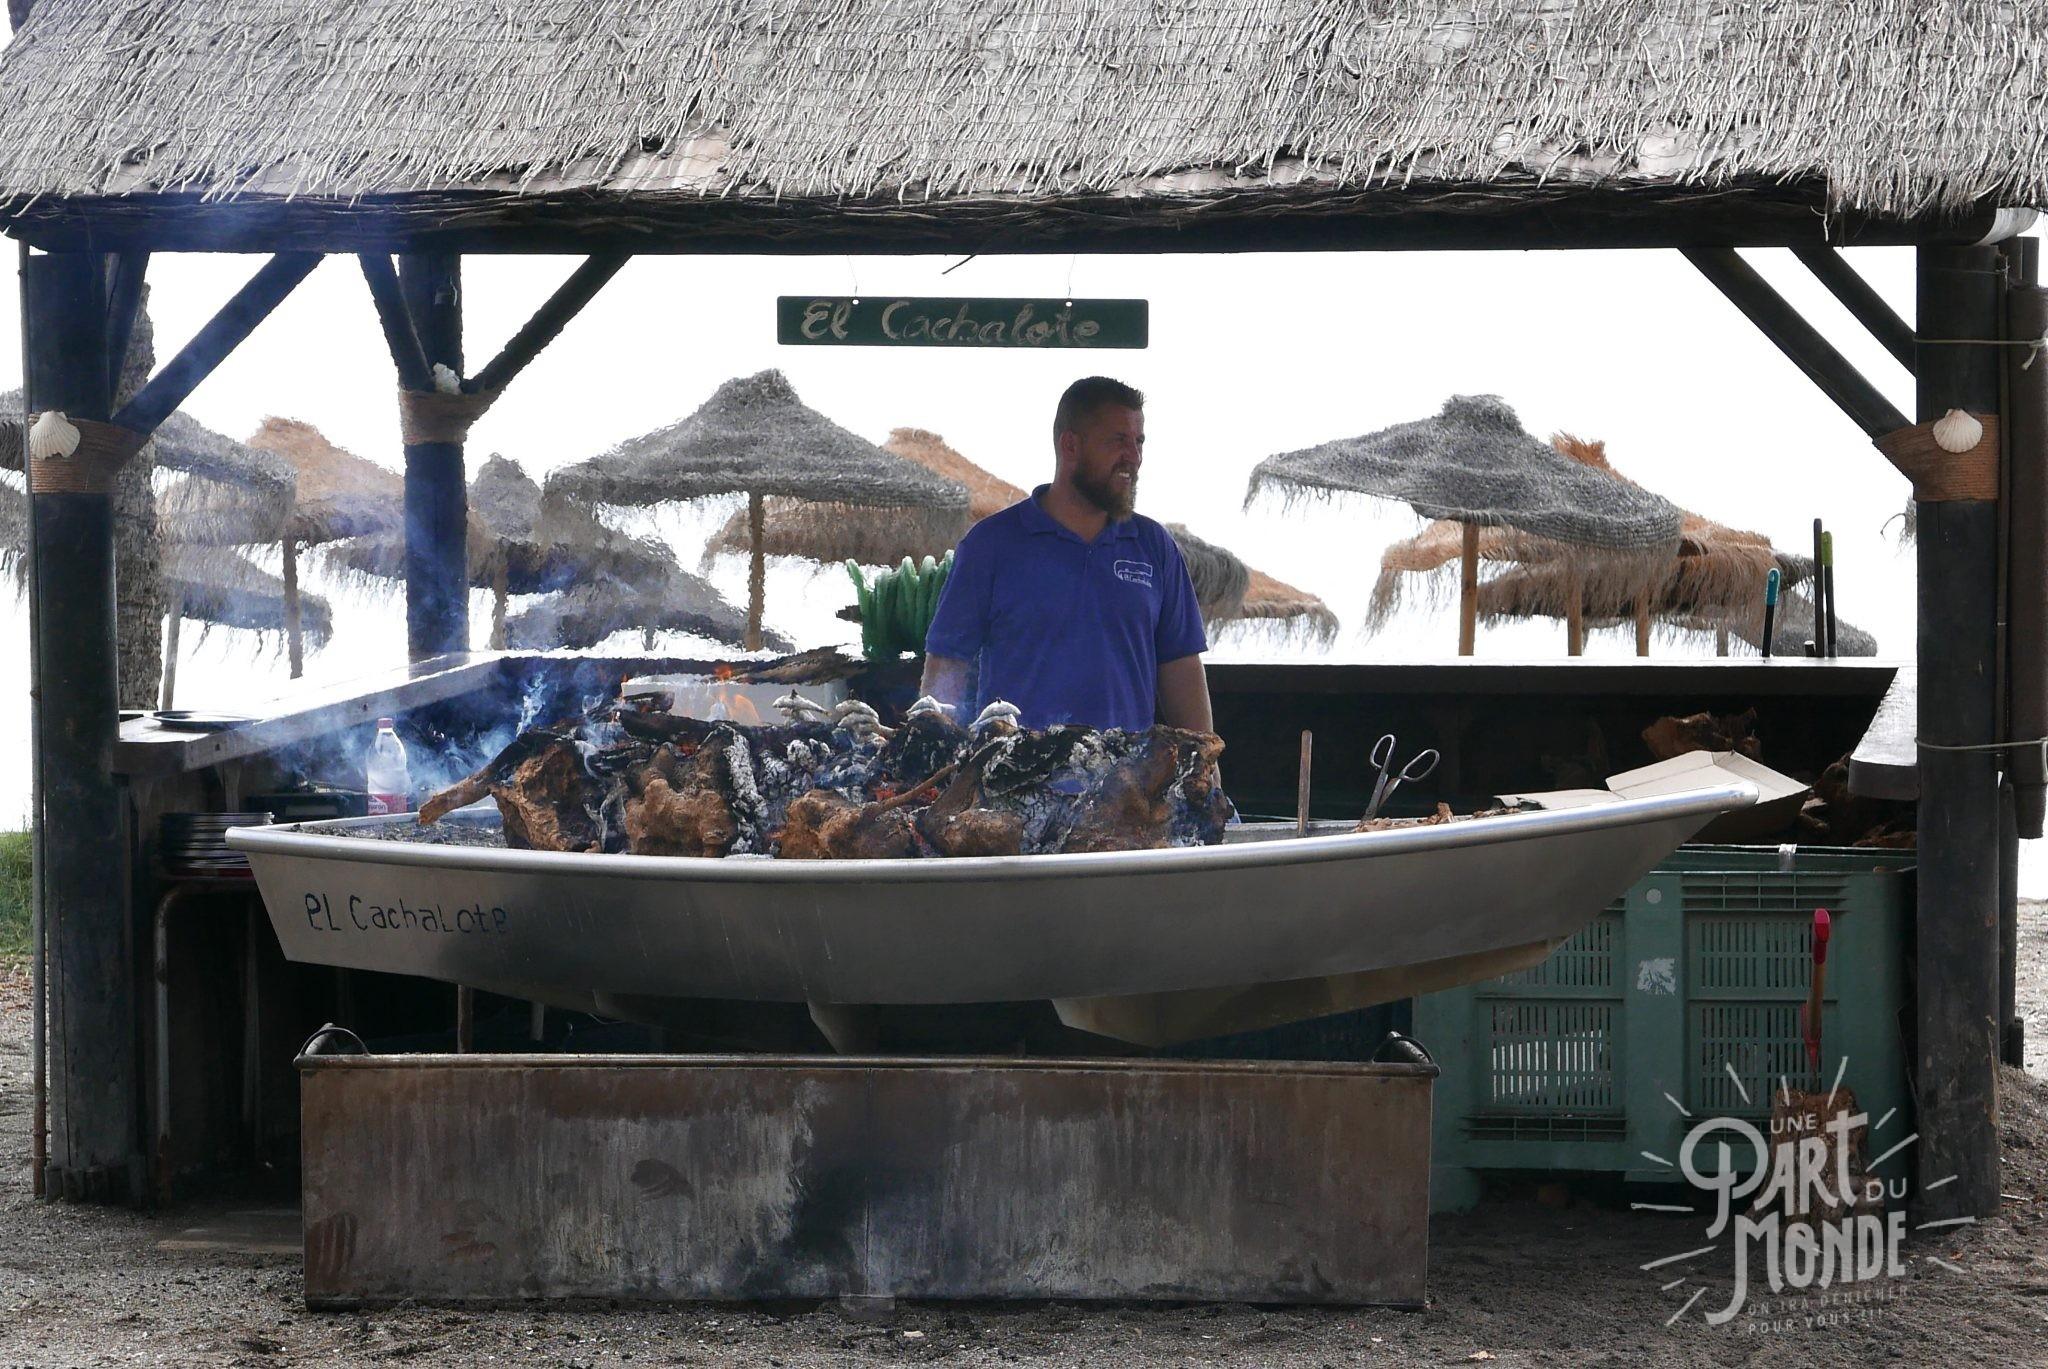 espeto de sardine cachalote malaga